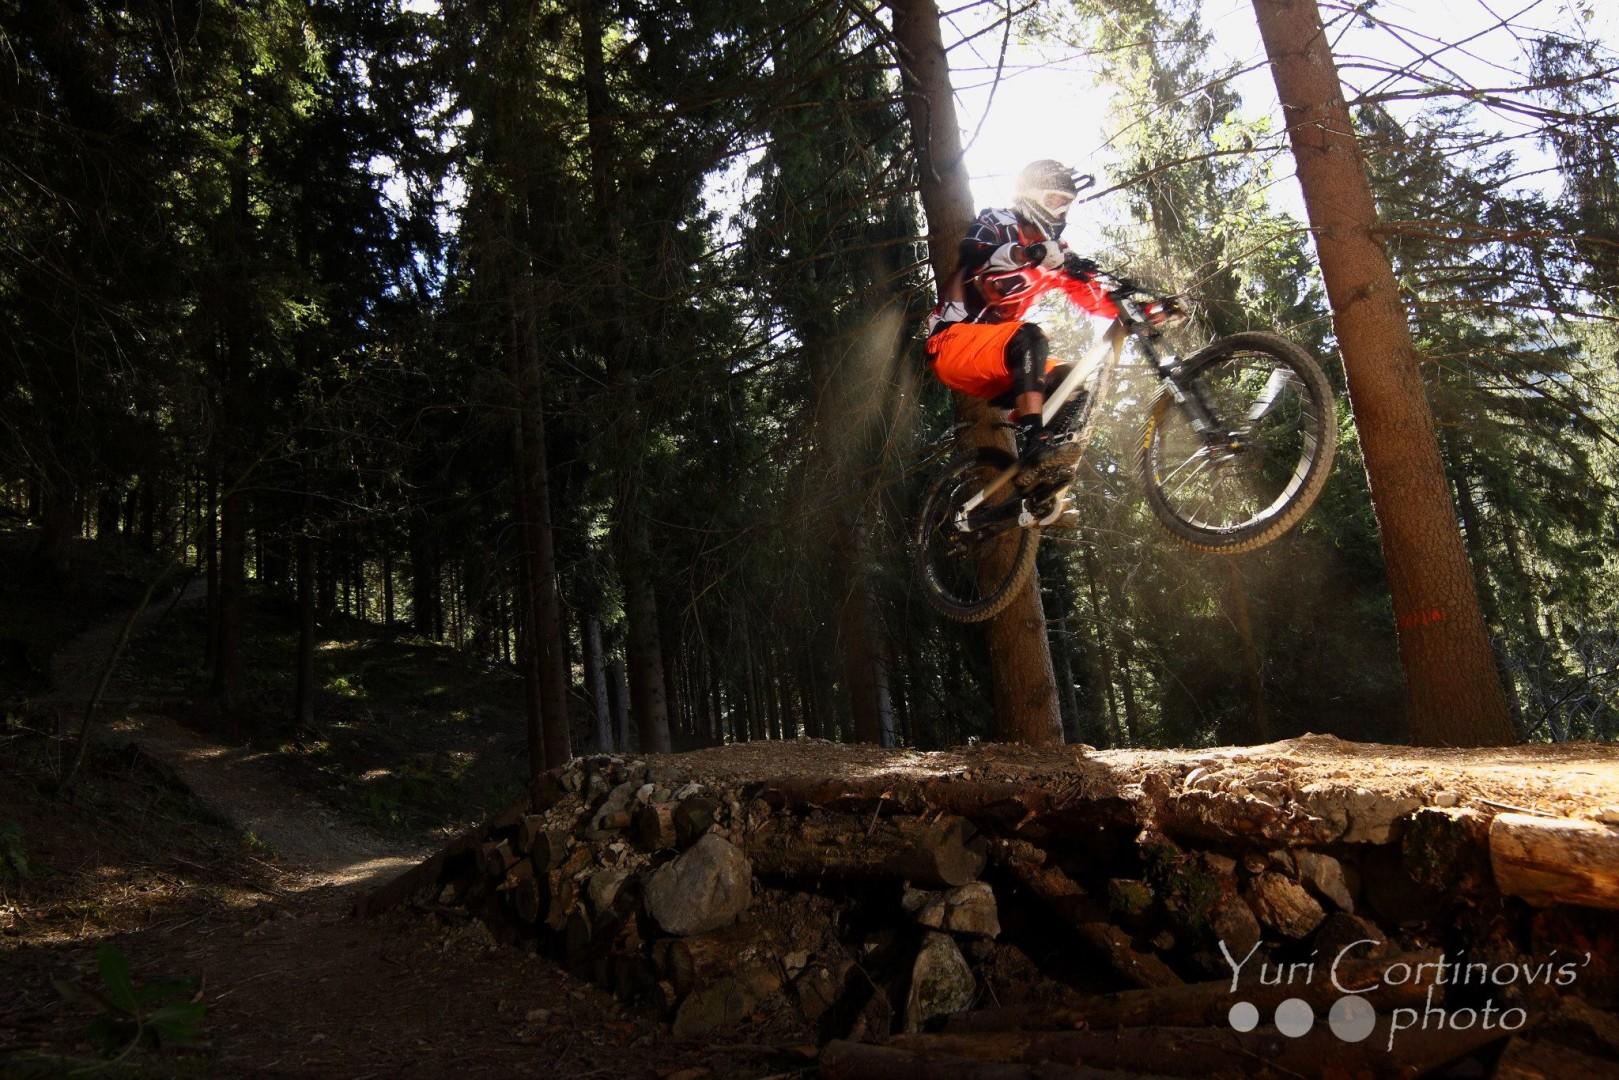 Spiazzi di Gromo BikePark Downhill Foto di Yuri Cortinovis